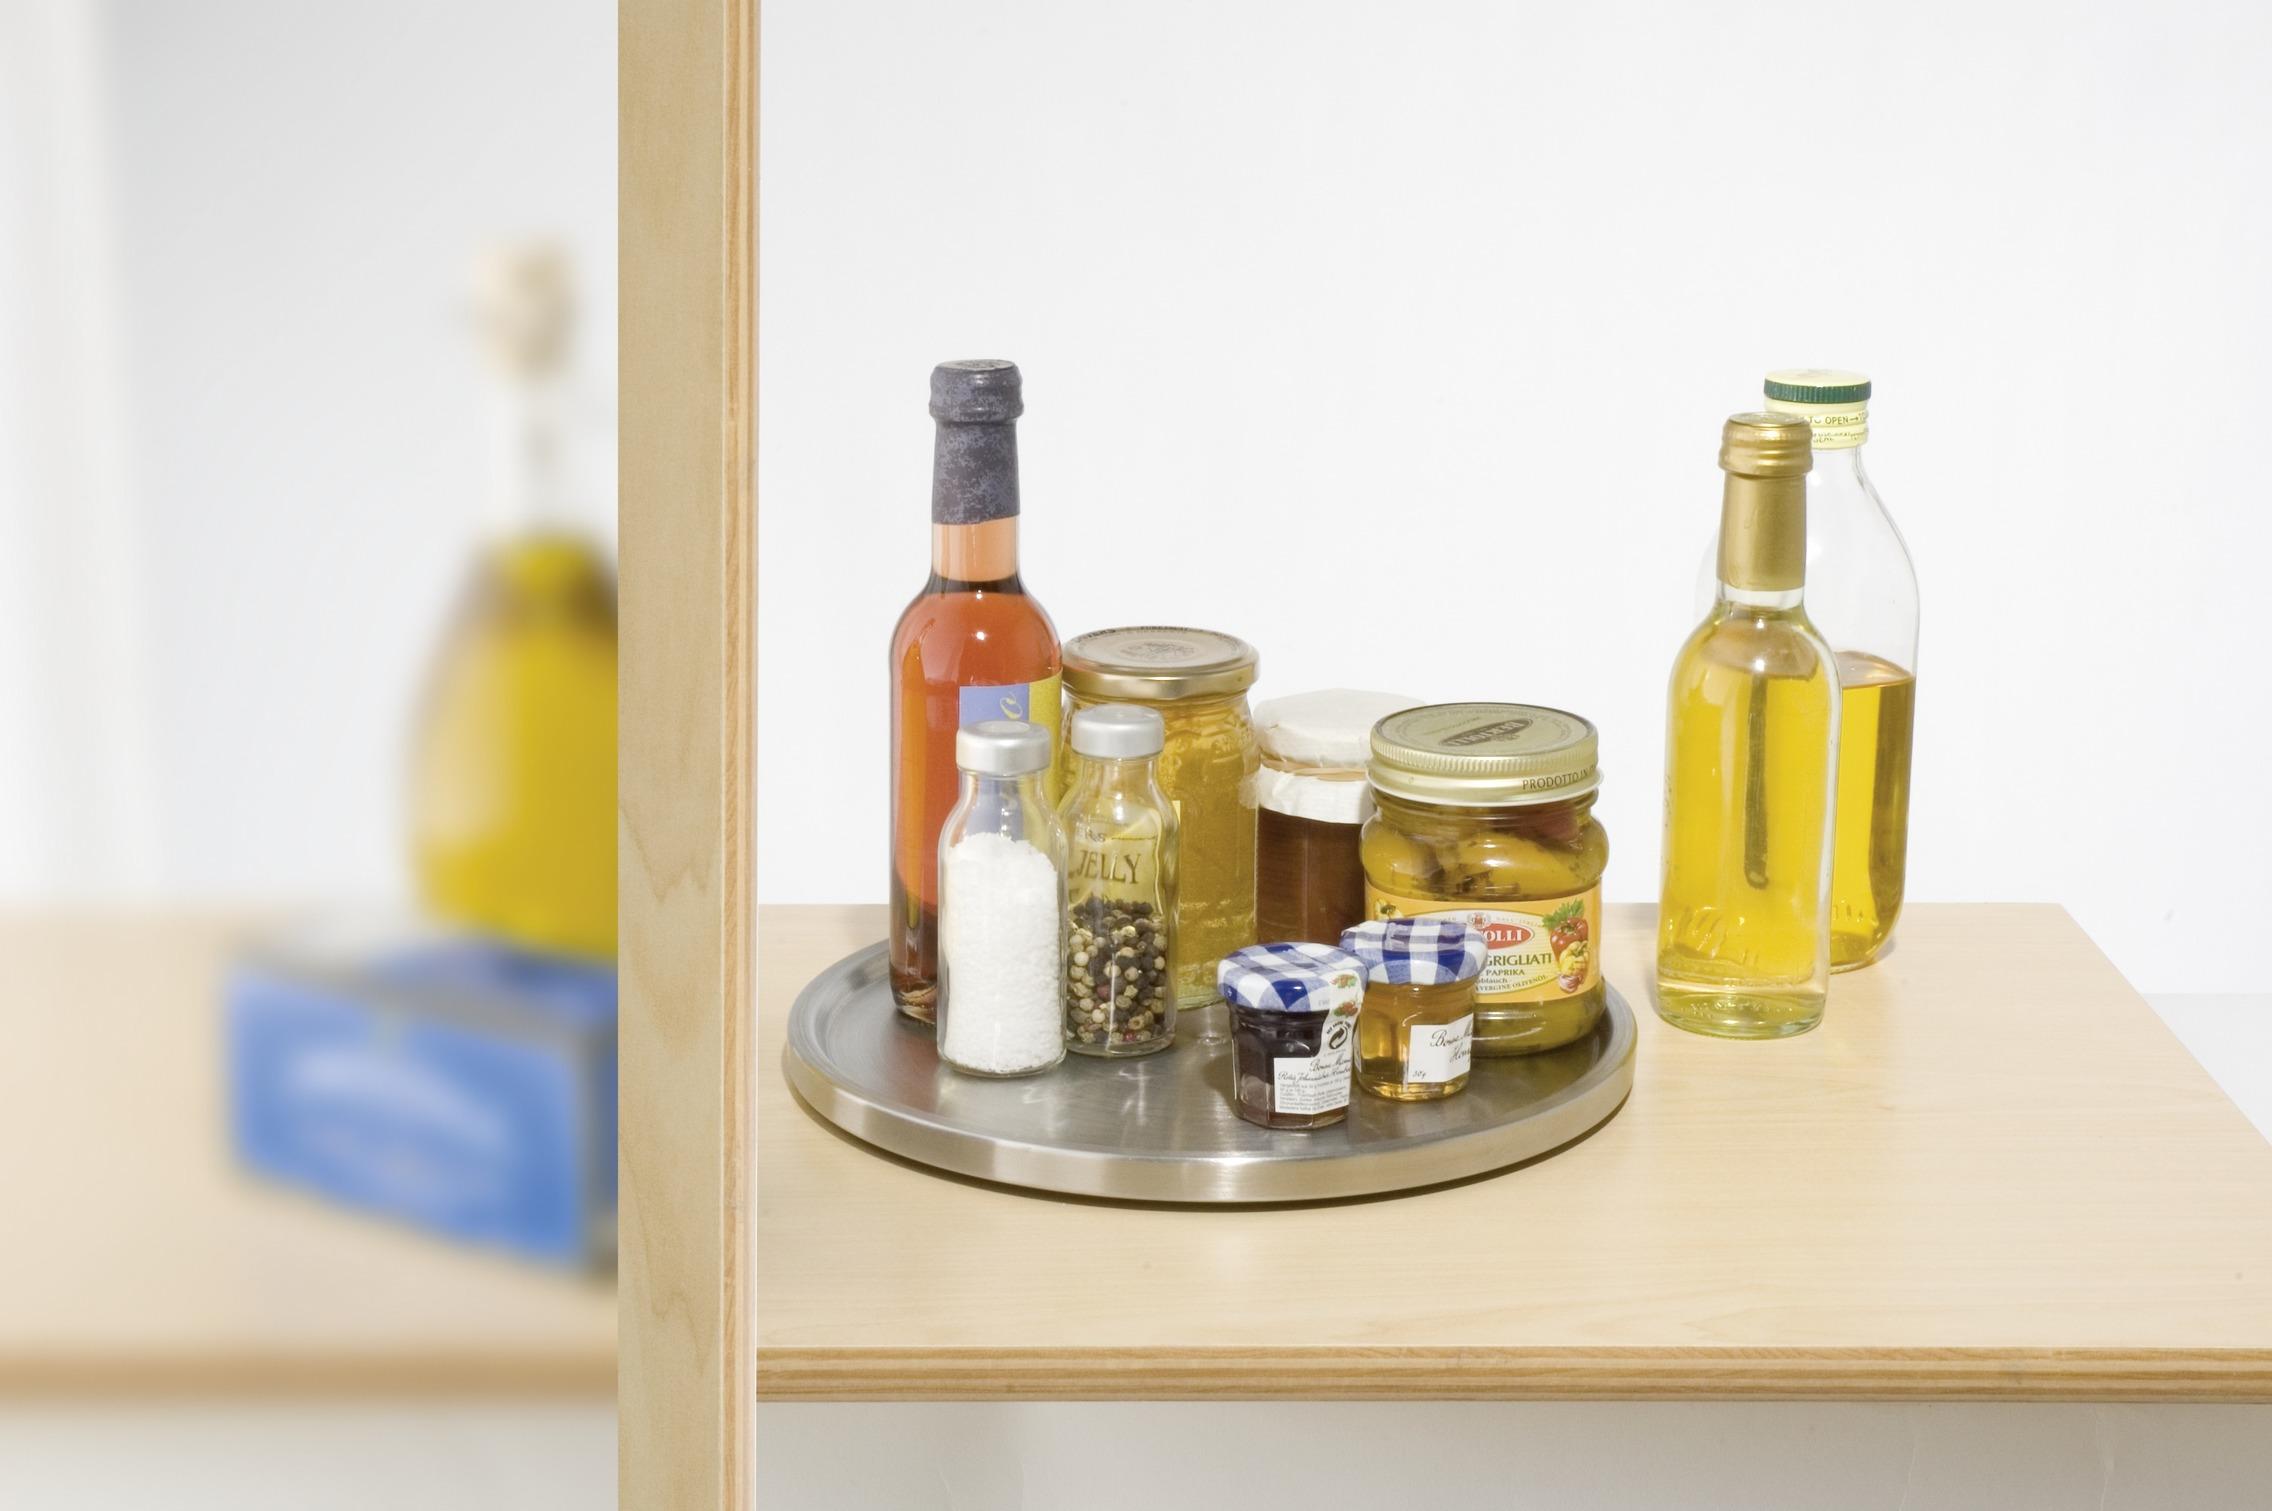 Full Size of Kchen Karussell Edelstahl Emako Wohnzimmer Küchenkarussell Blockiert